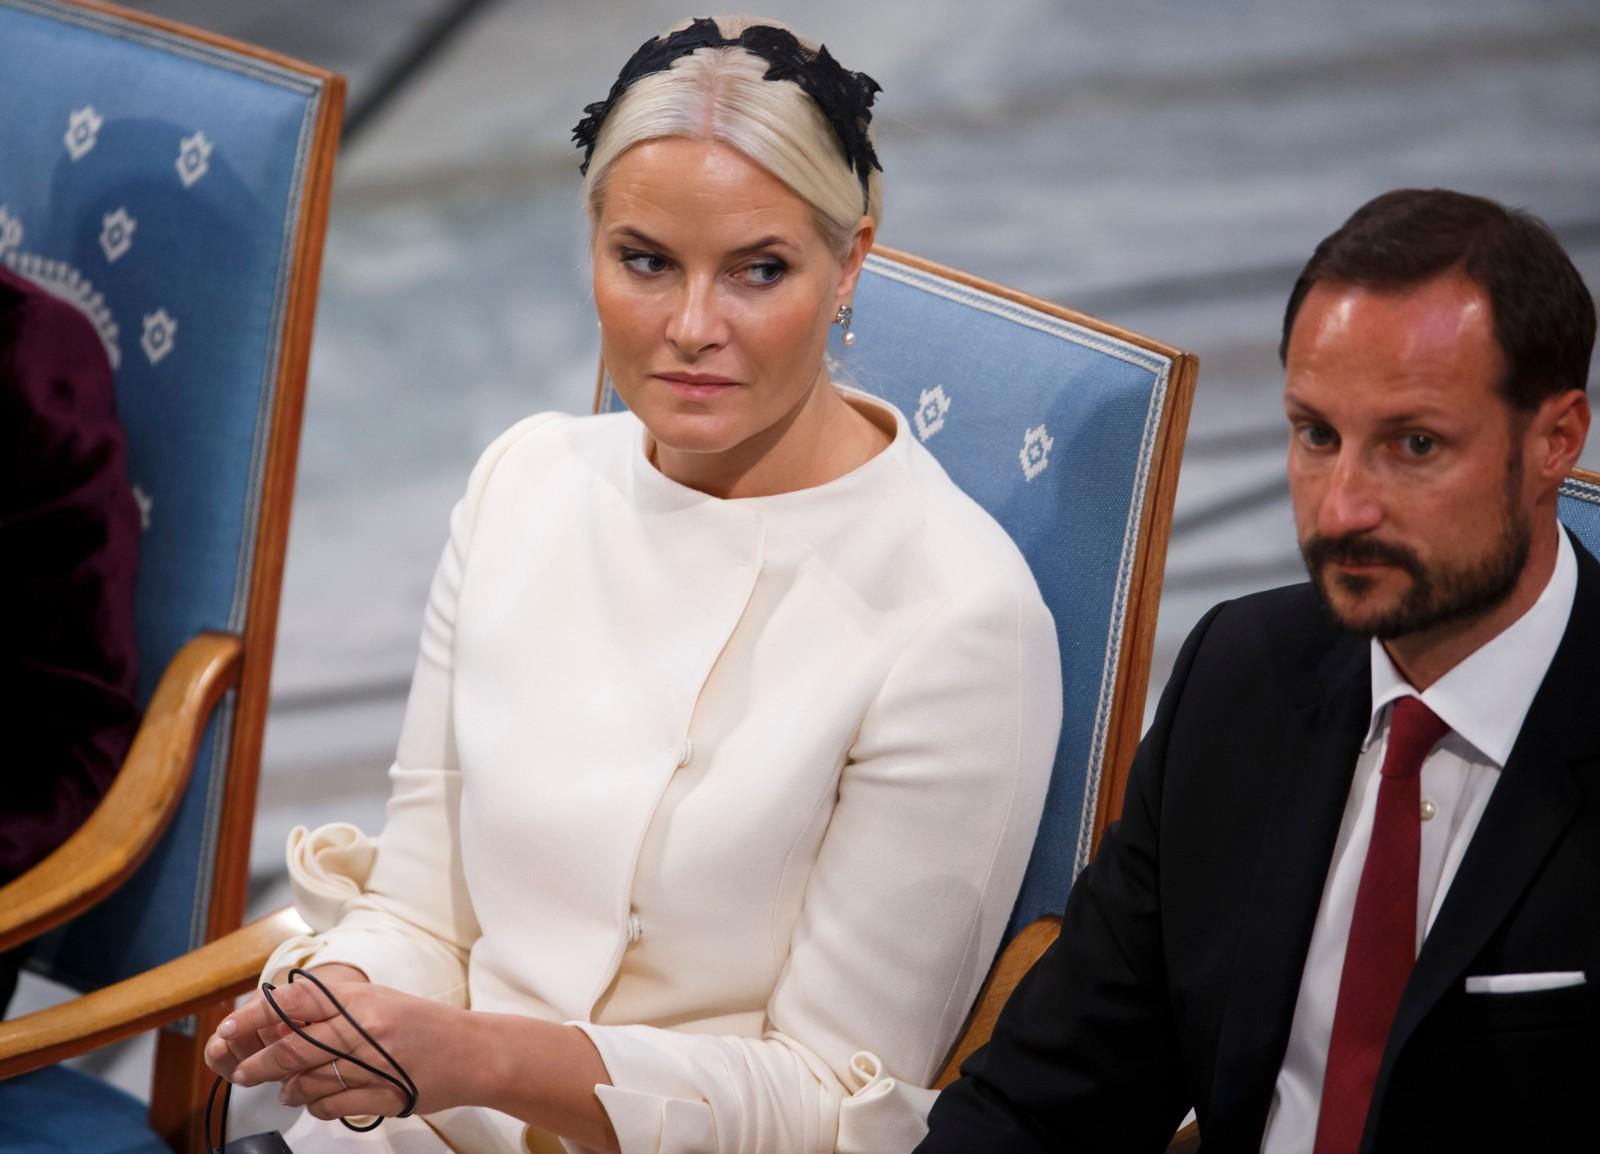 HØYTIDELIG: Kronprinsesse Mette-Marit og kronprins Haakon i Oslo rådhus.